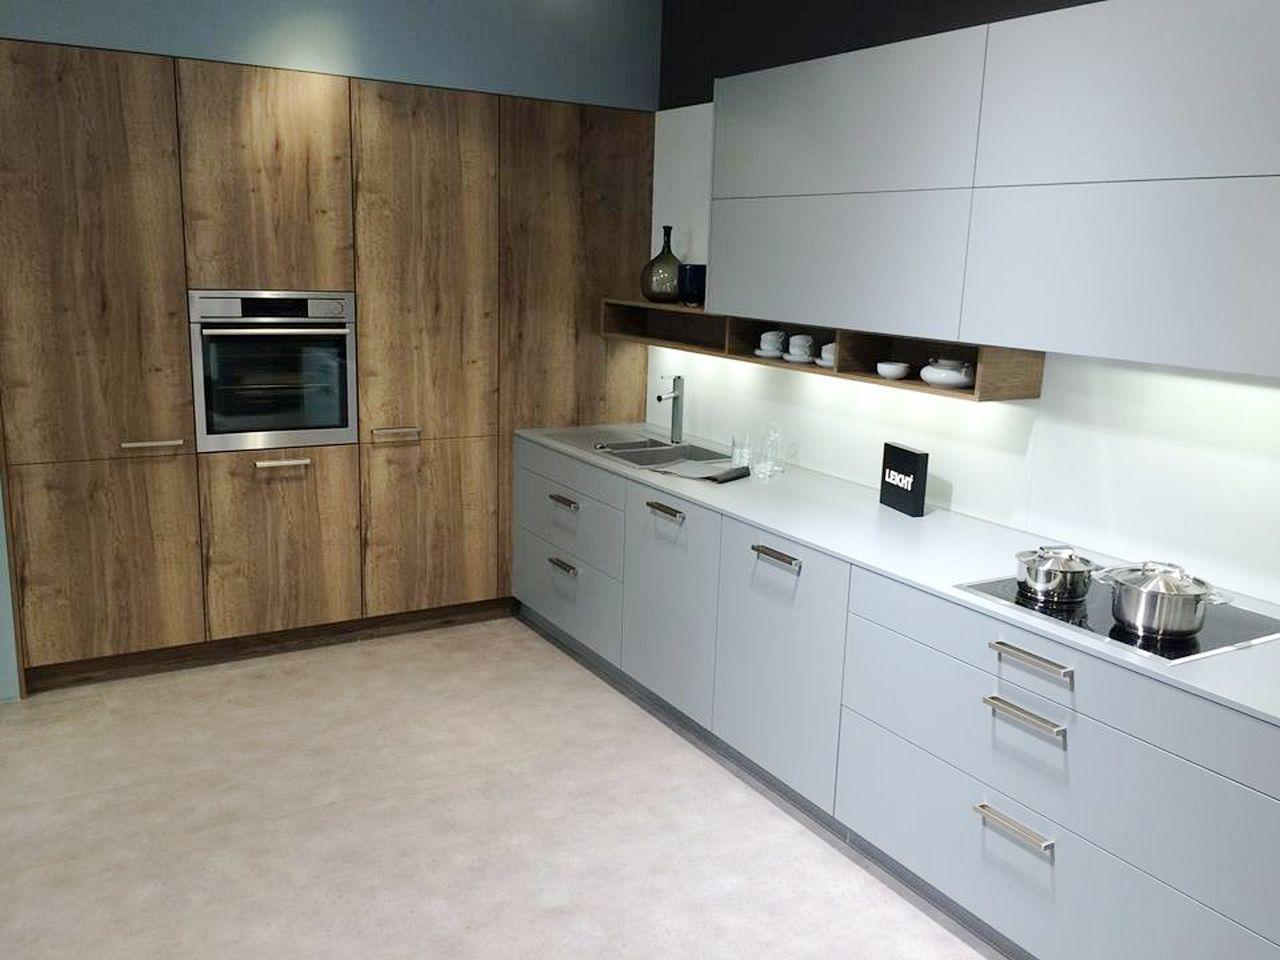 Günstige Einbauküchen Mit Elektrogeräten Gebraucht ~ Günstige Küchenzeilen mit Elektrogeräten individuell geplant